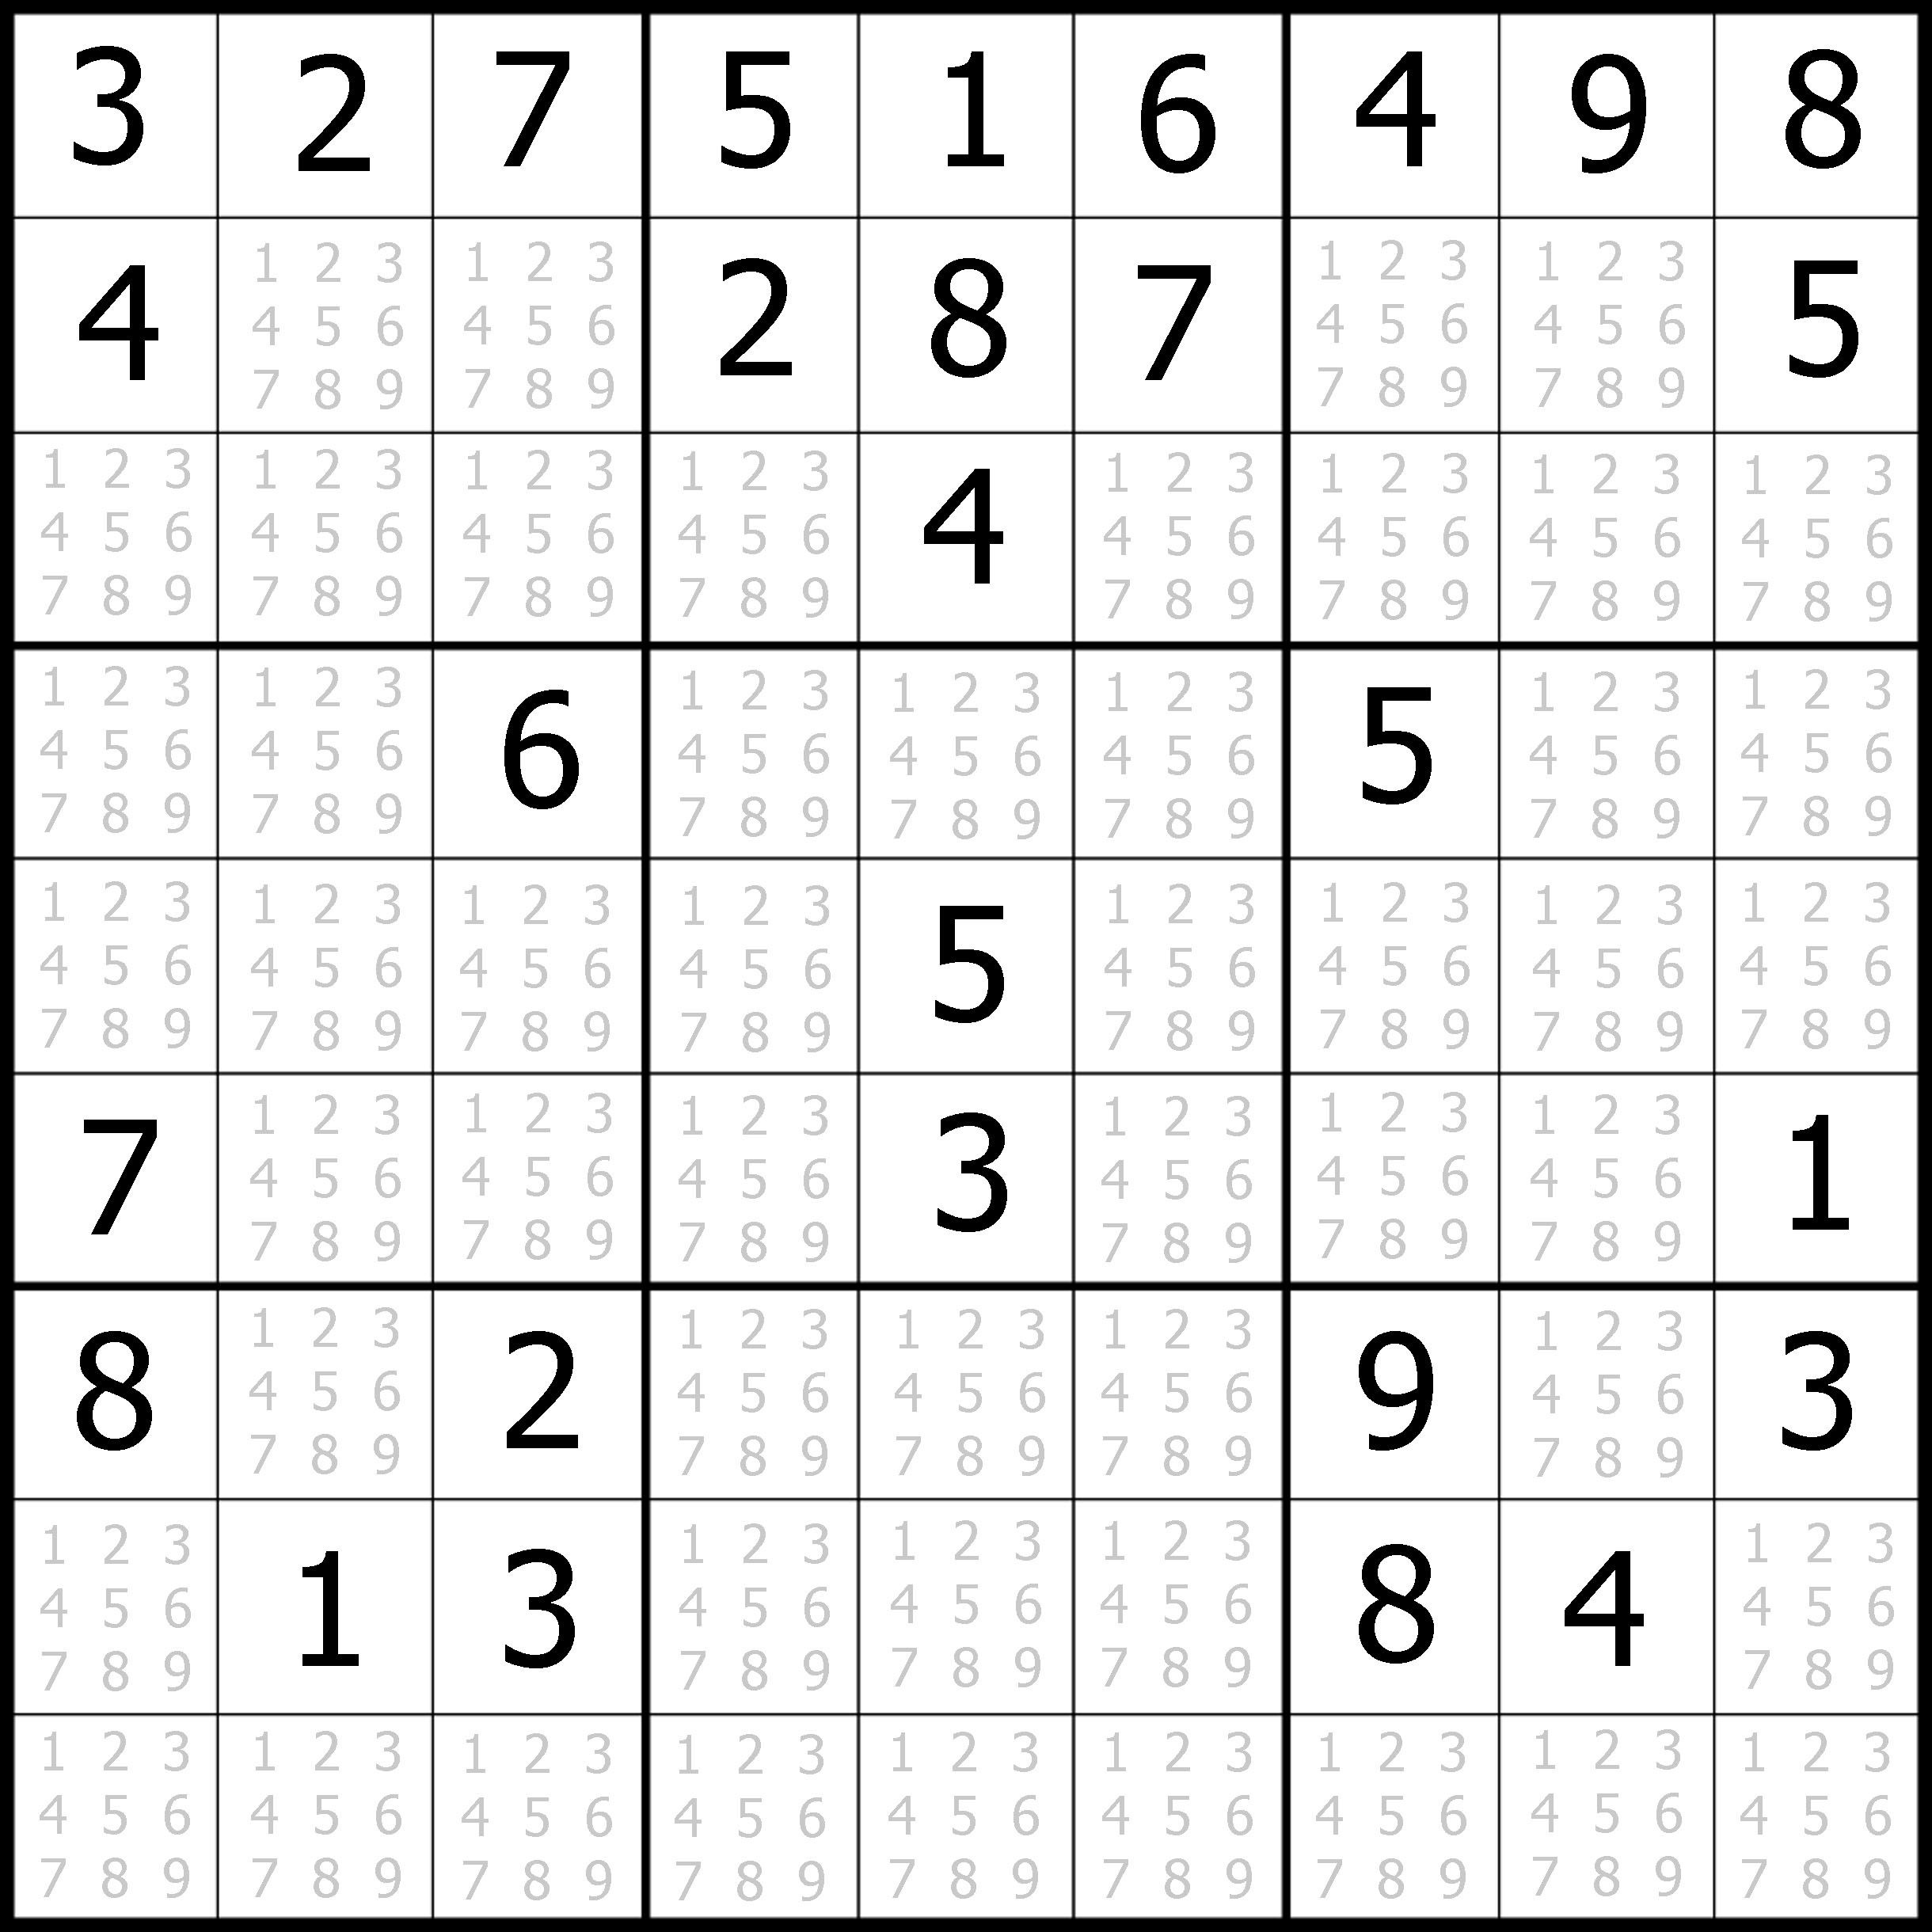 Sudoku Printable | Free, Medium, Printable Sudoku Puzzle #1 | My - Download Printable Sudoku Puzzles Free